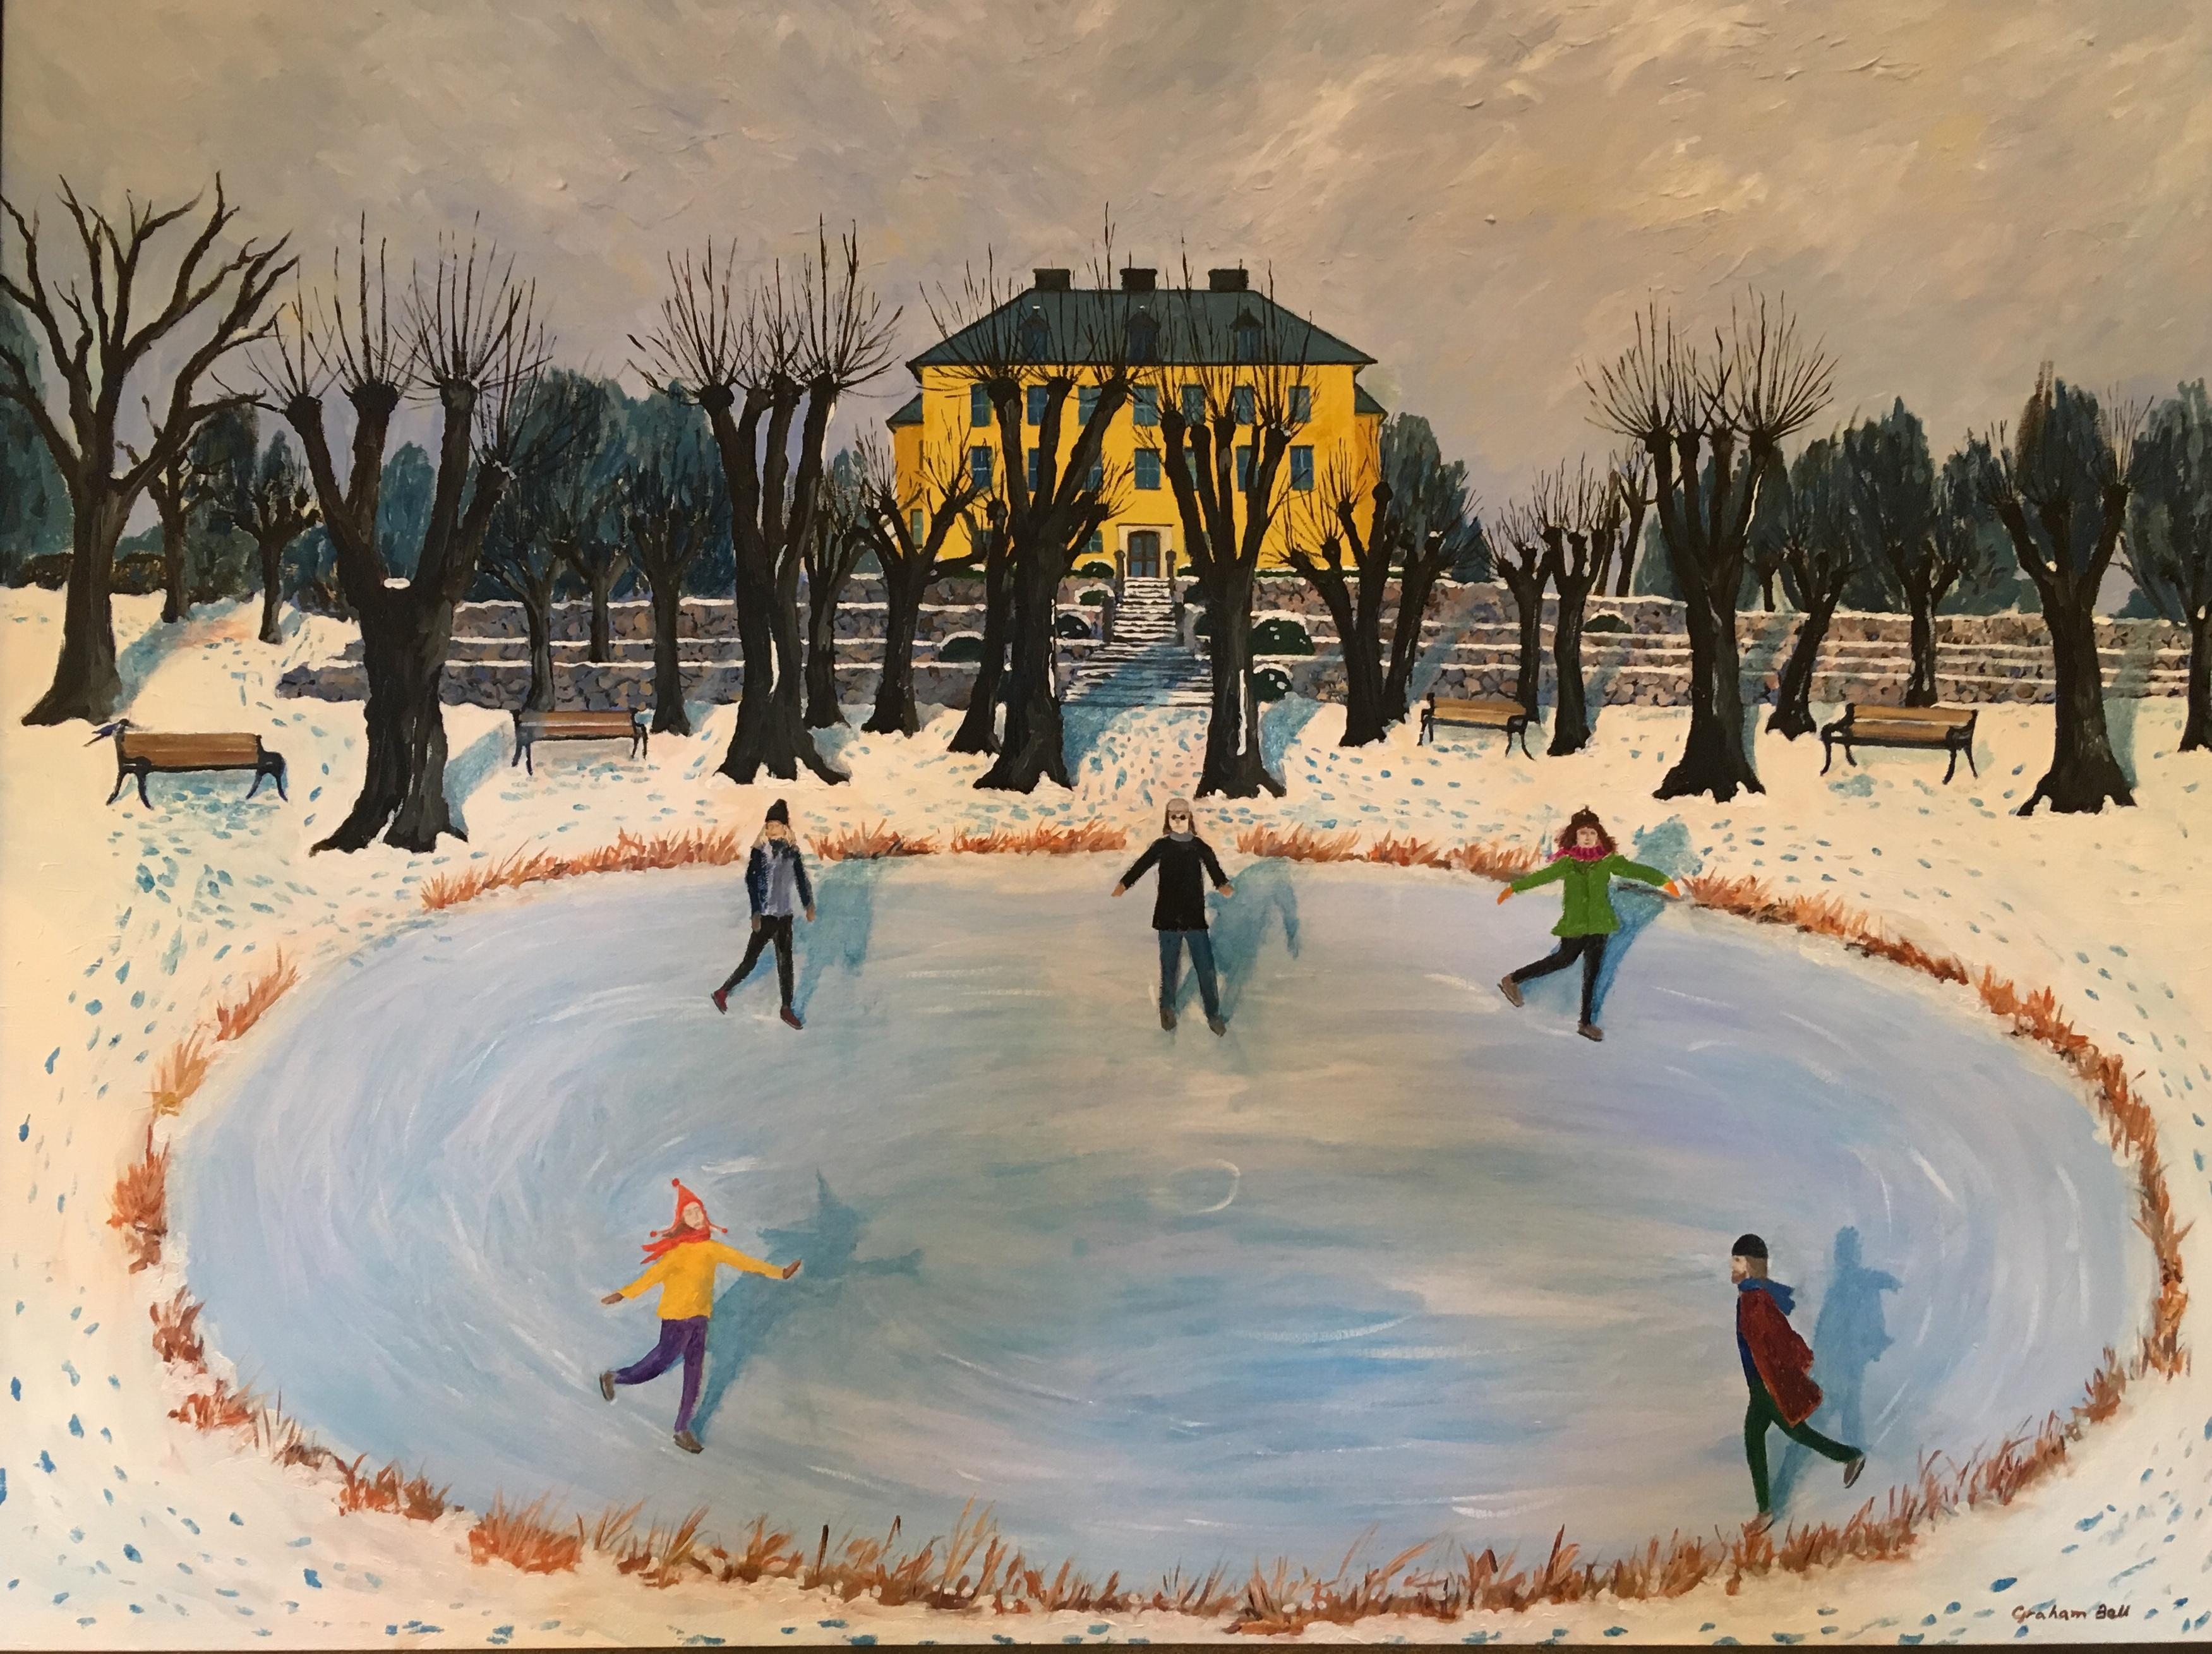 Bell skating at venngard